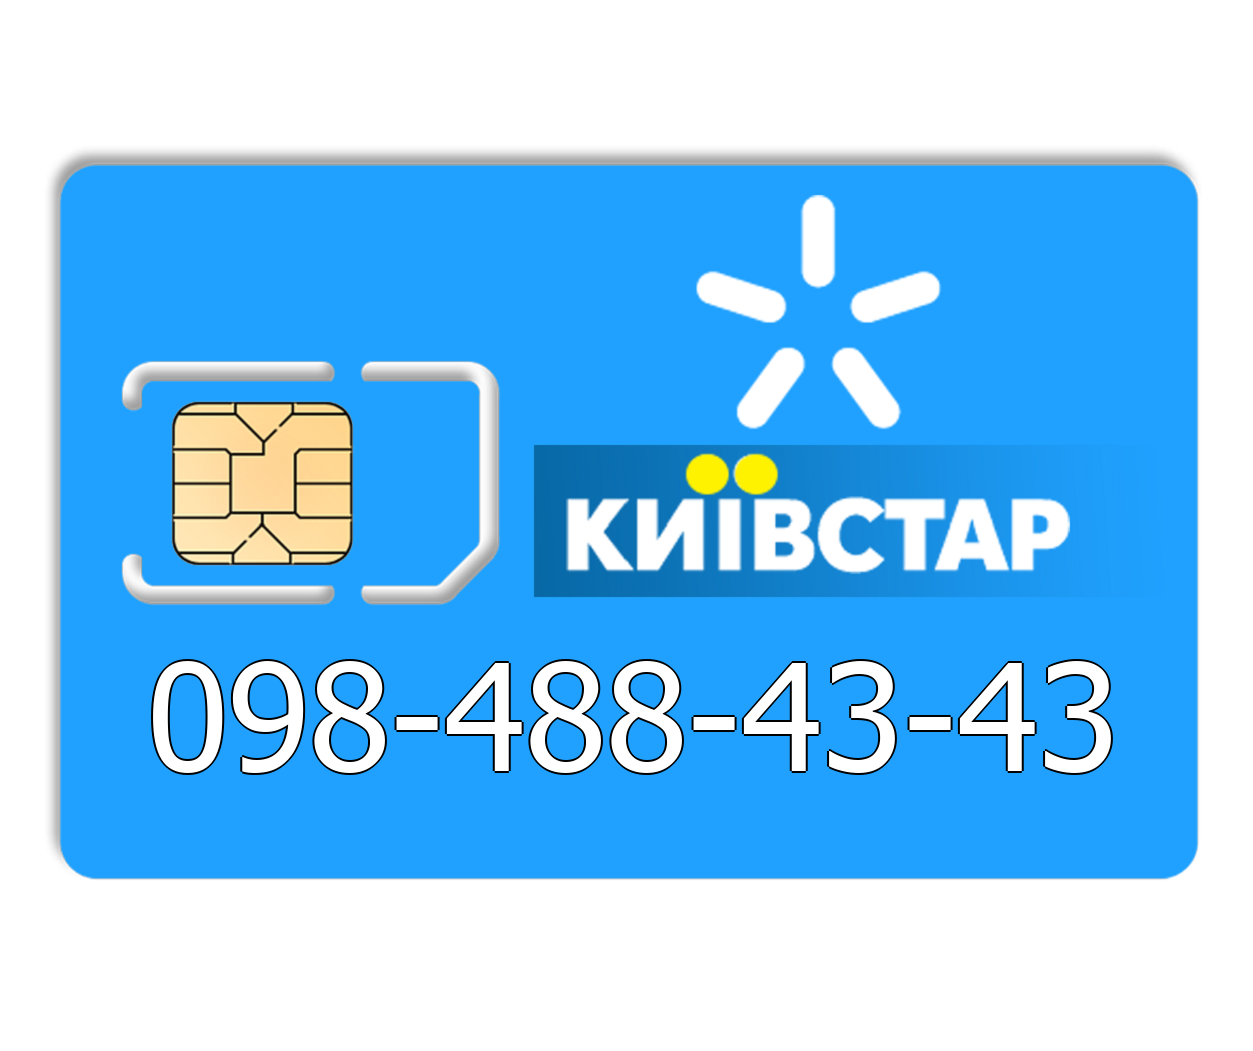 Красивый номер Киевстар 098-488-43-43